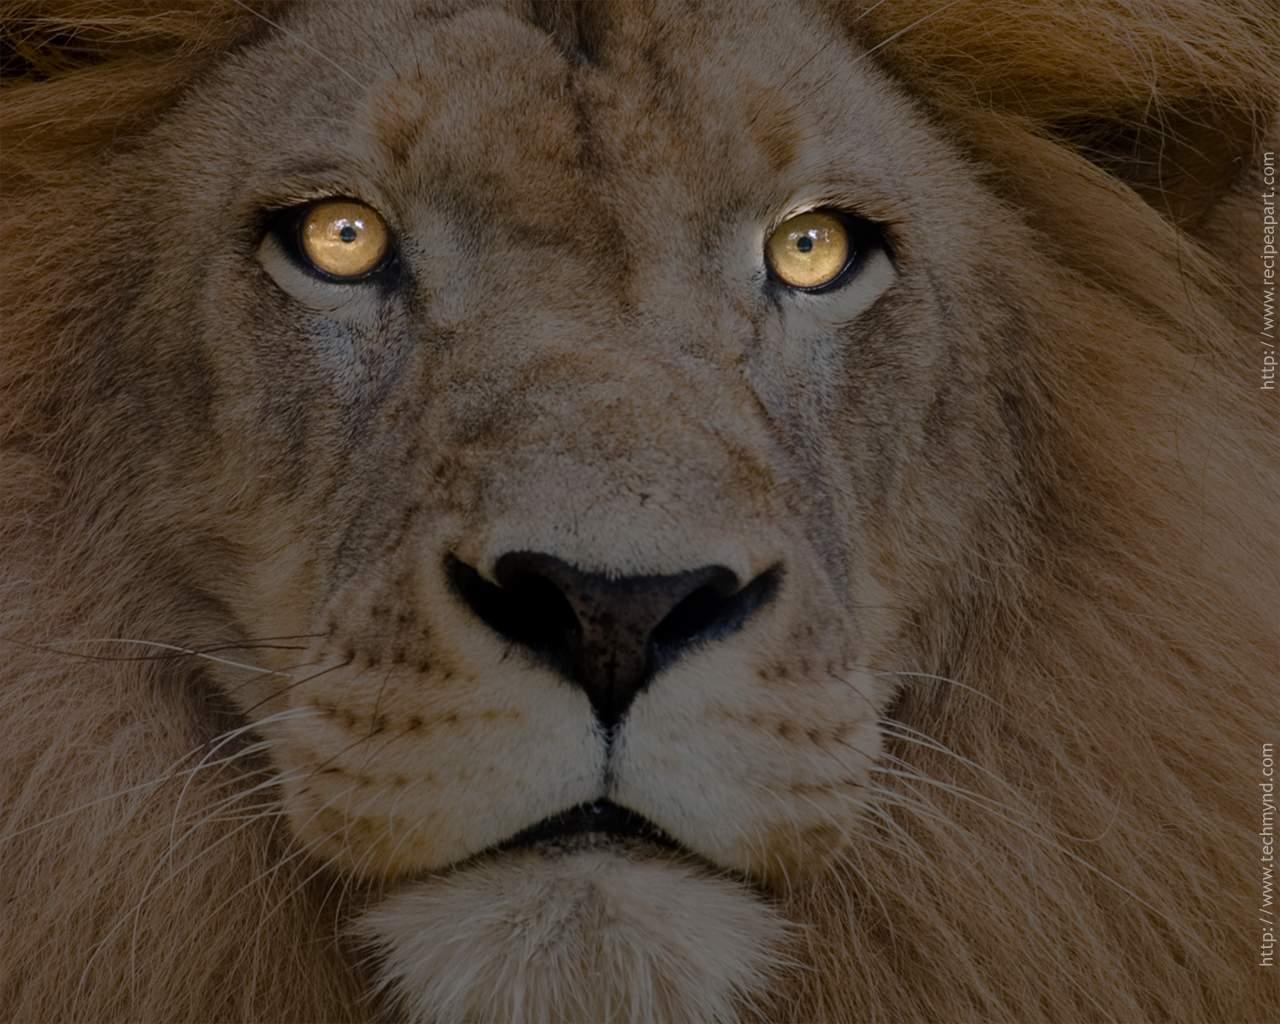 фото льва со светящимися глазами, скачать бесплатно, lion photo